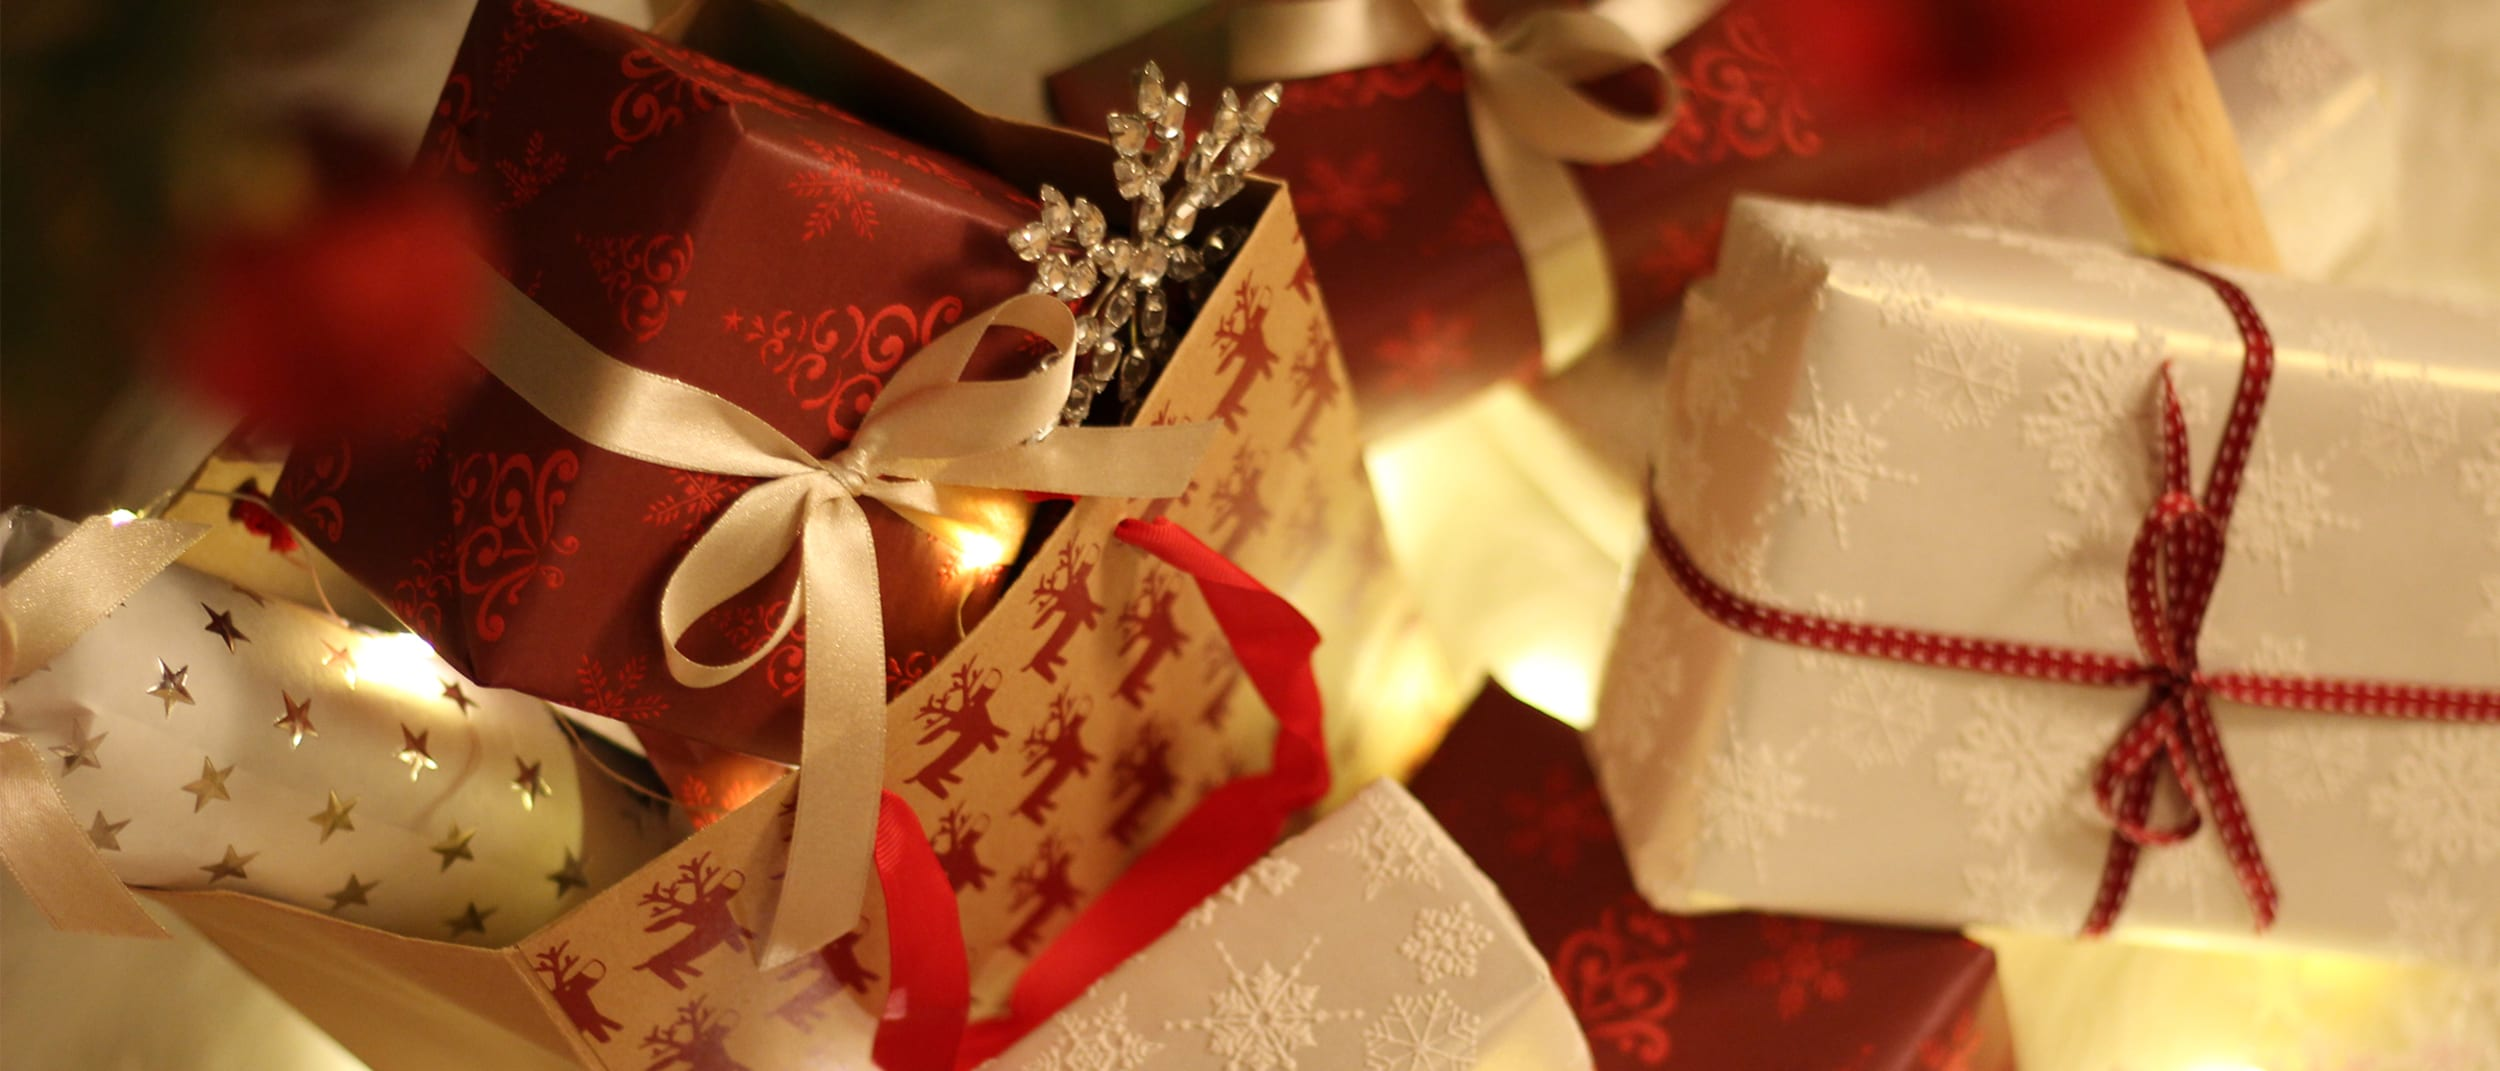 Tarocash Christmas Gift Guide